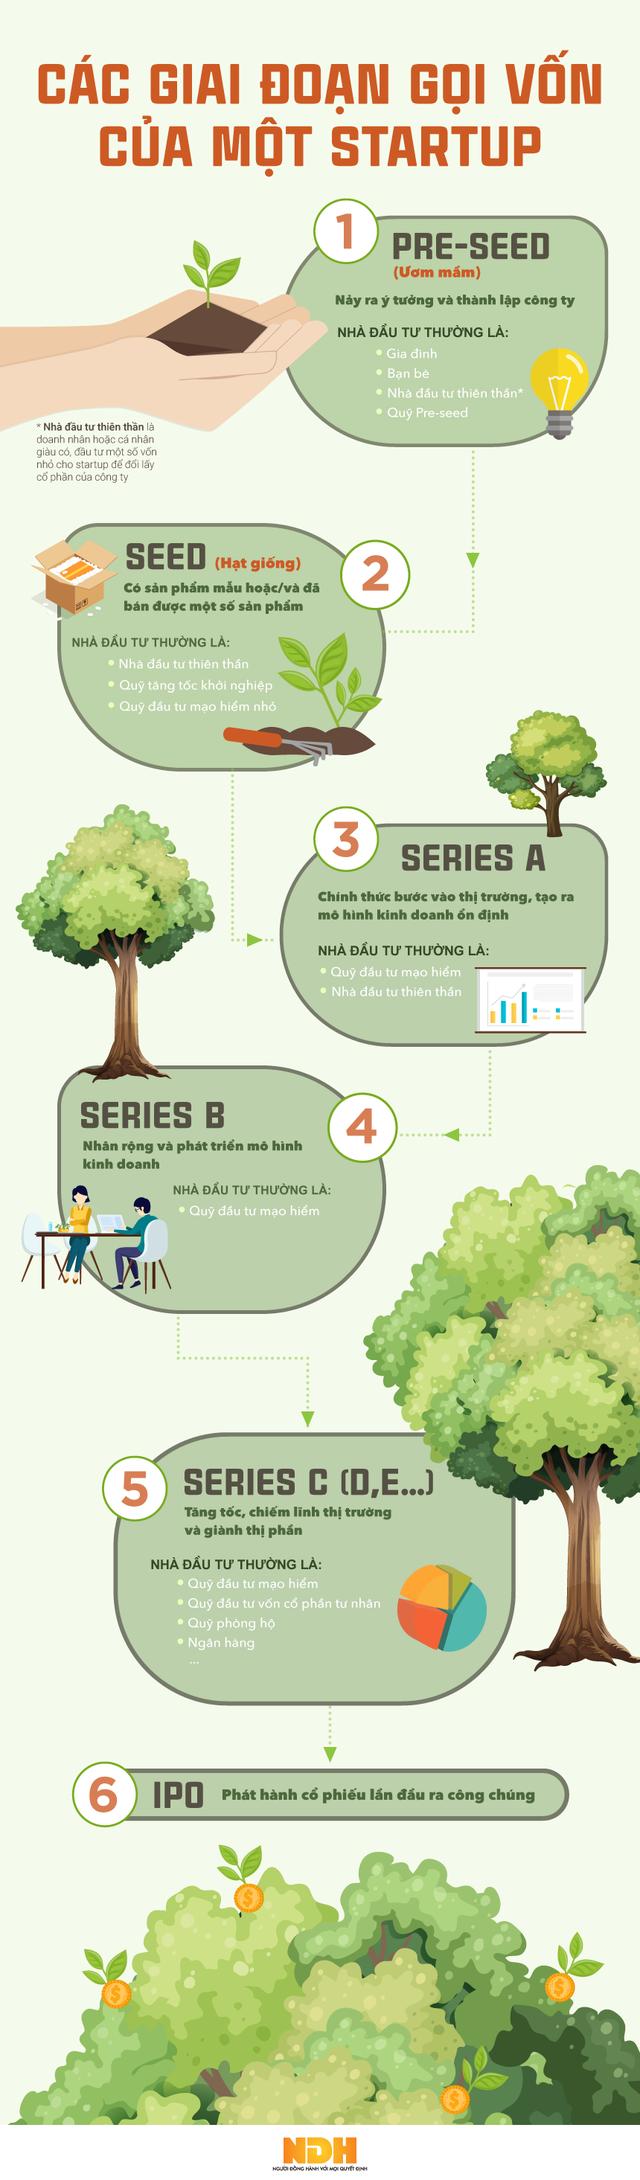 [Infographic] Các giai đoạn gọi vốn một startup thường trải qua trước IPO - Ảnh 1.